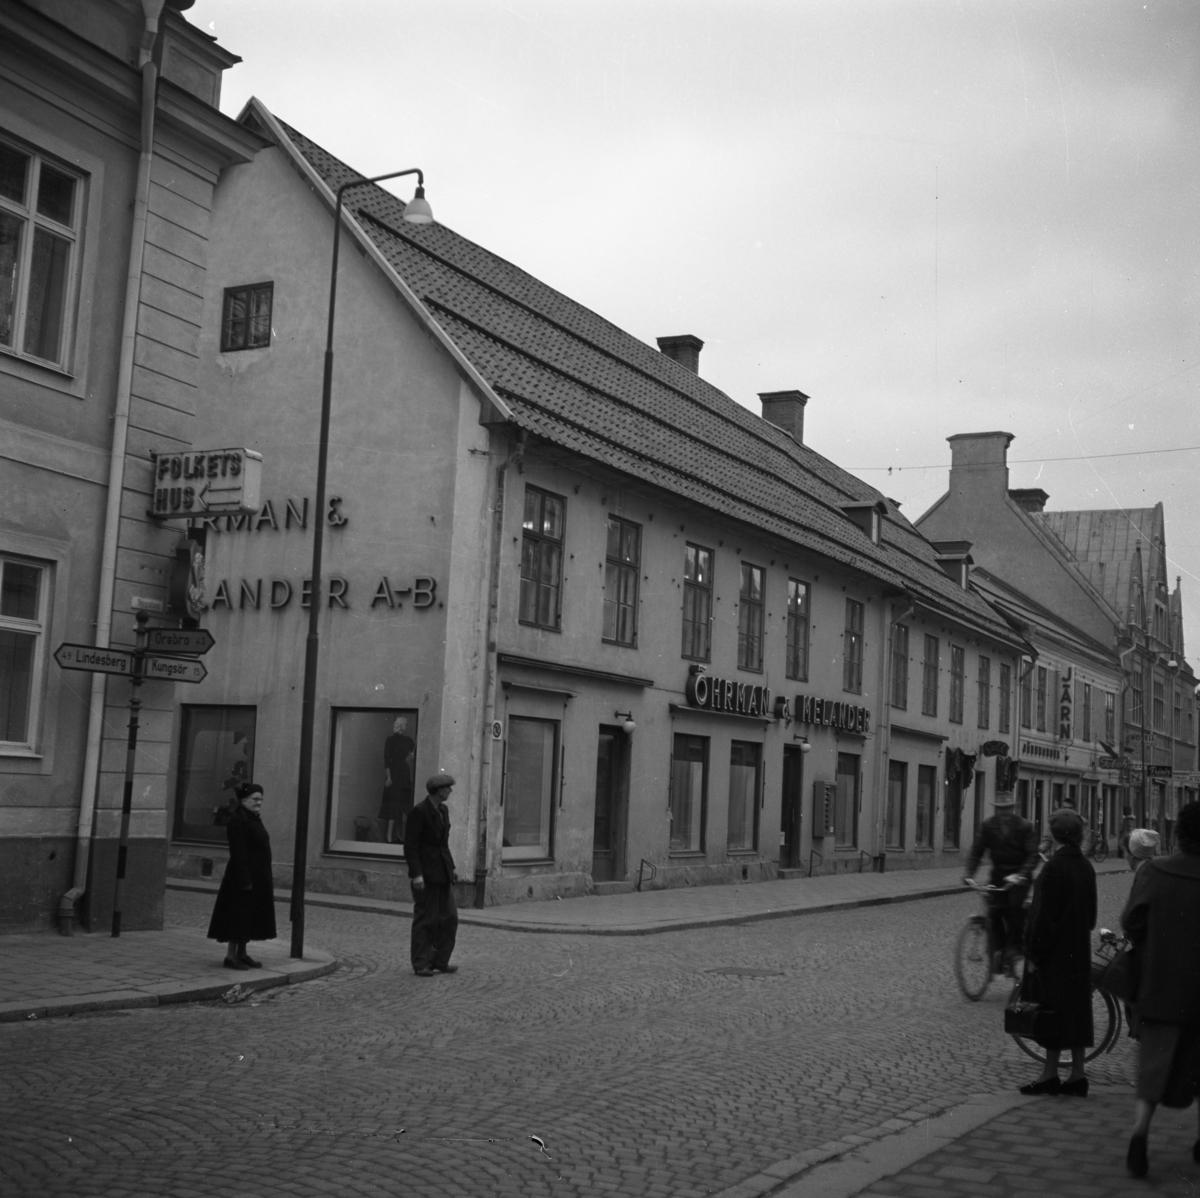 Öhrman & Melanders butik på Nygatan firar 50-årsjubileum. I skyltfönstret ses en skyltdocka. Affären säljer kläder.  Folkliv på gatan; människor promenerar och cyklar. Järnaffären ses en bit bort.